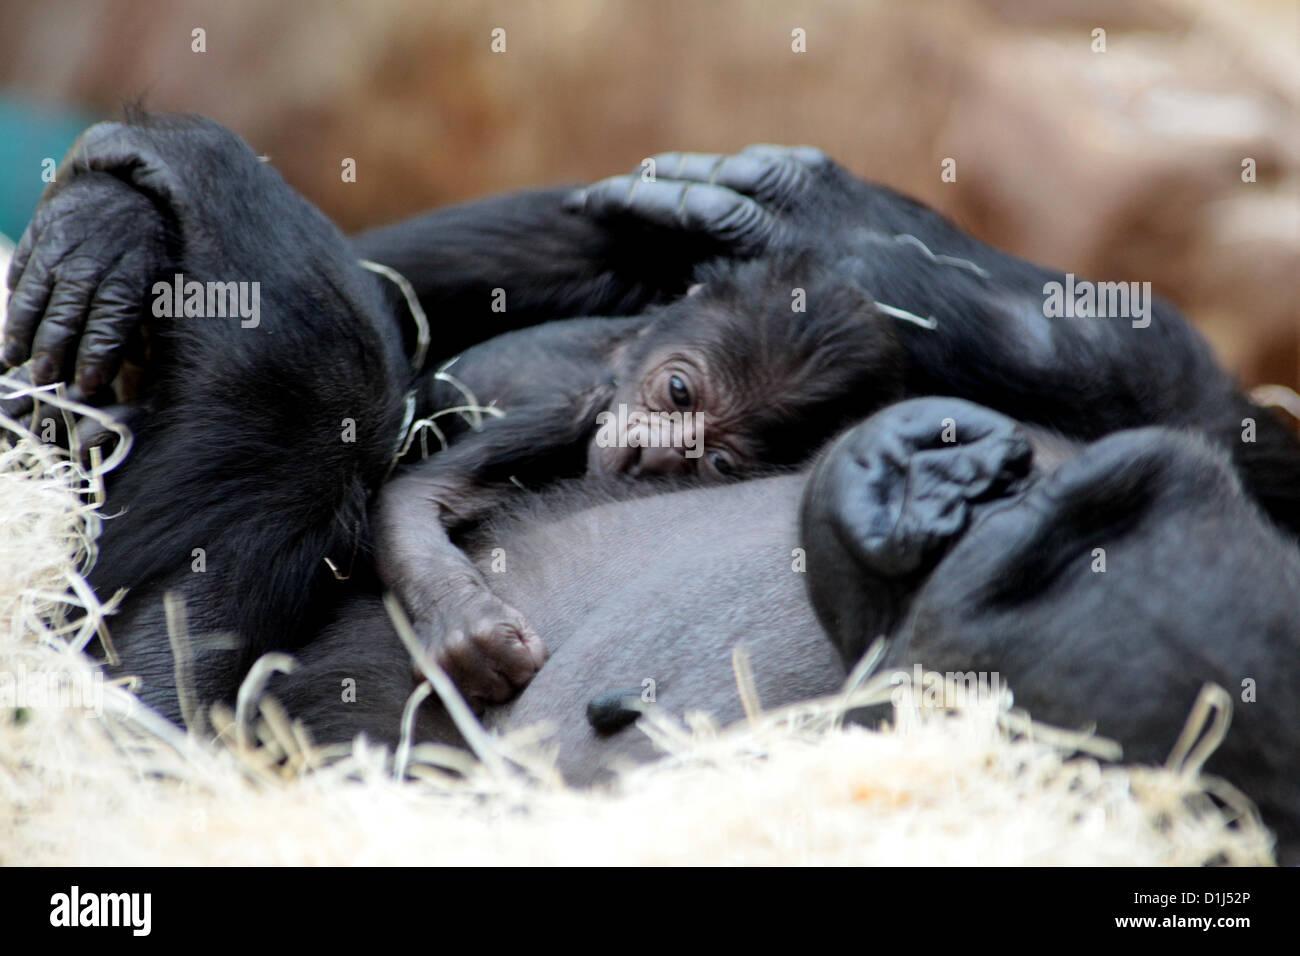 Praga, República Checa. 24rd, 2012 Kijivu Dec, un gorila de las tierras bajas, sostiene a su bebé recién Imagen De Stock